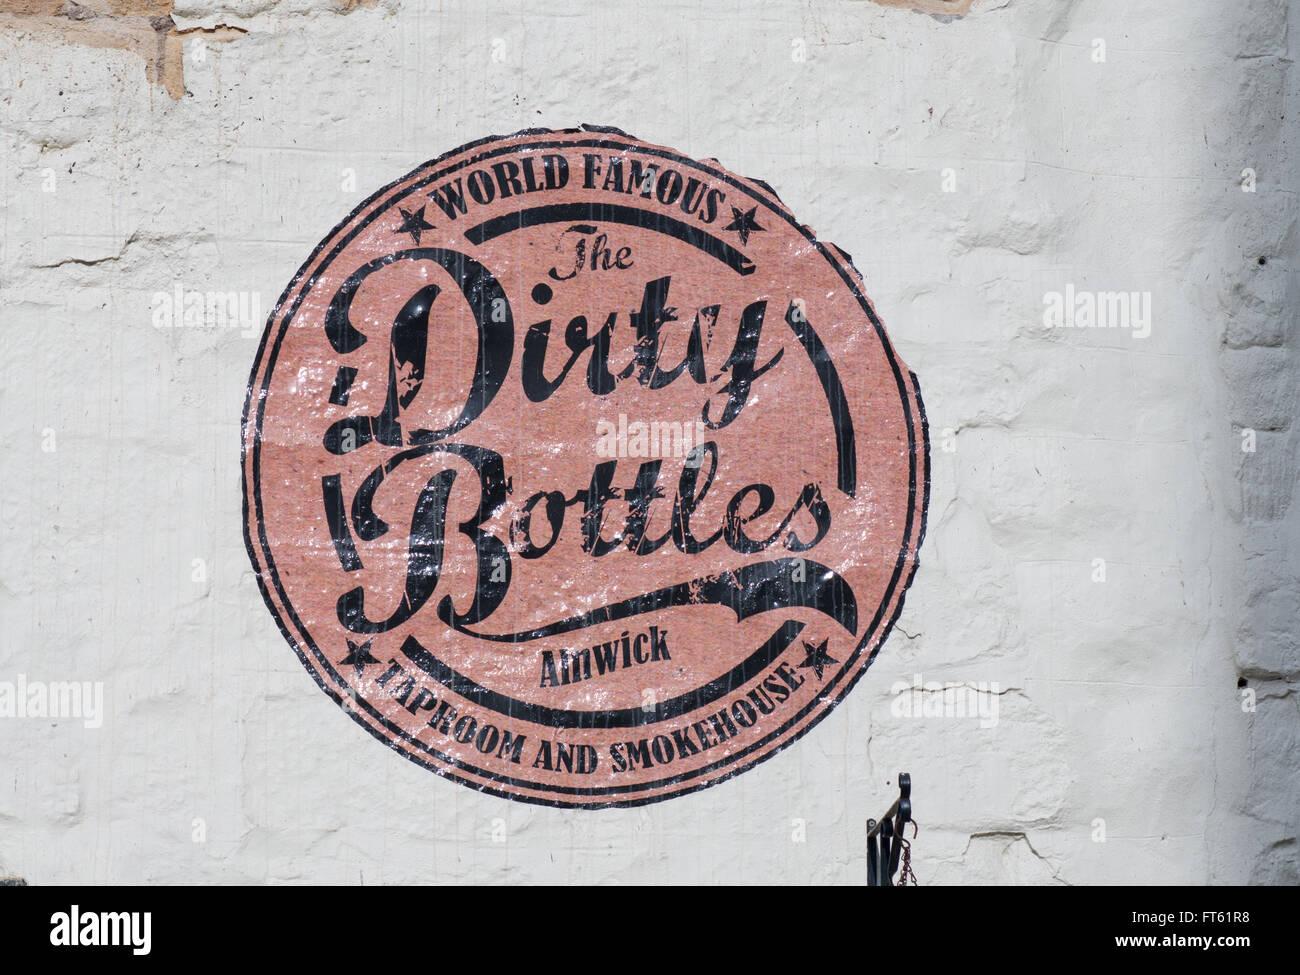 Sign on Ye Old Cross pub or Dirty Bottles Alnwick , Northumberland , England, UK - Stock Image